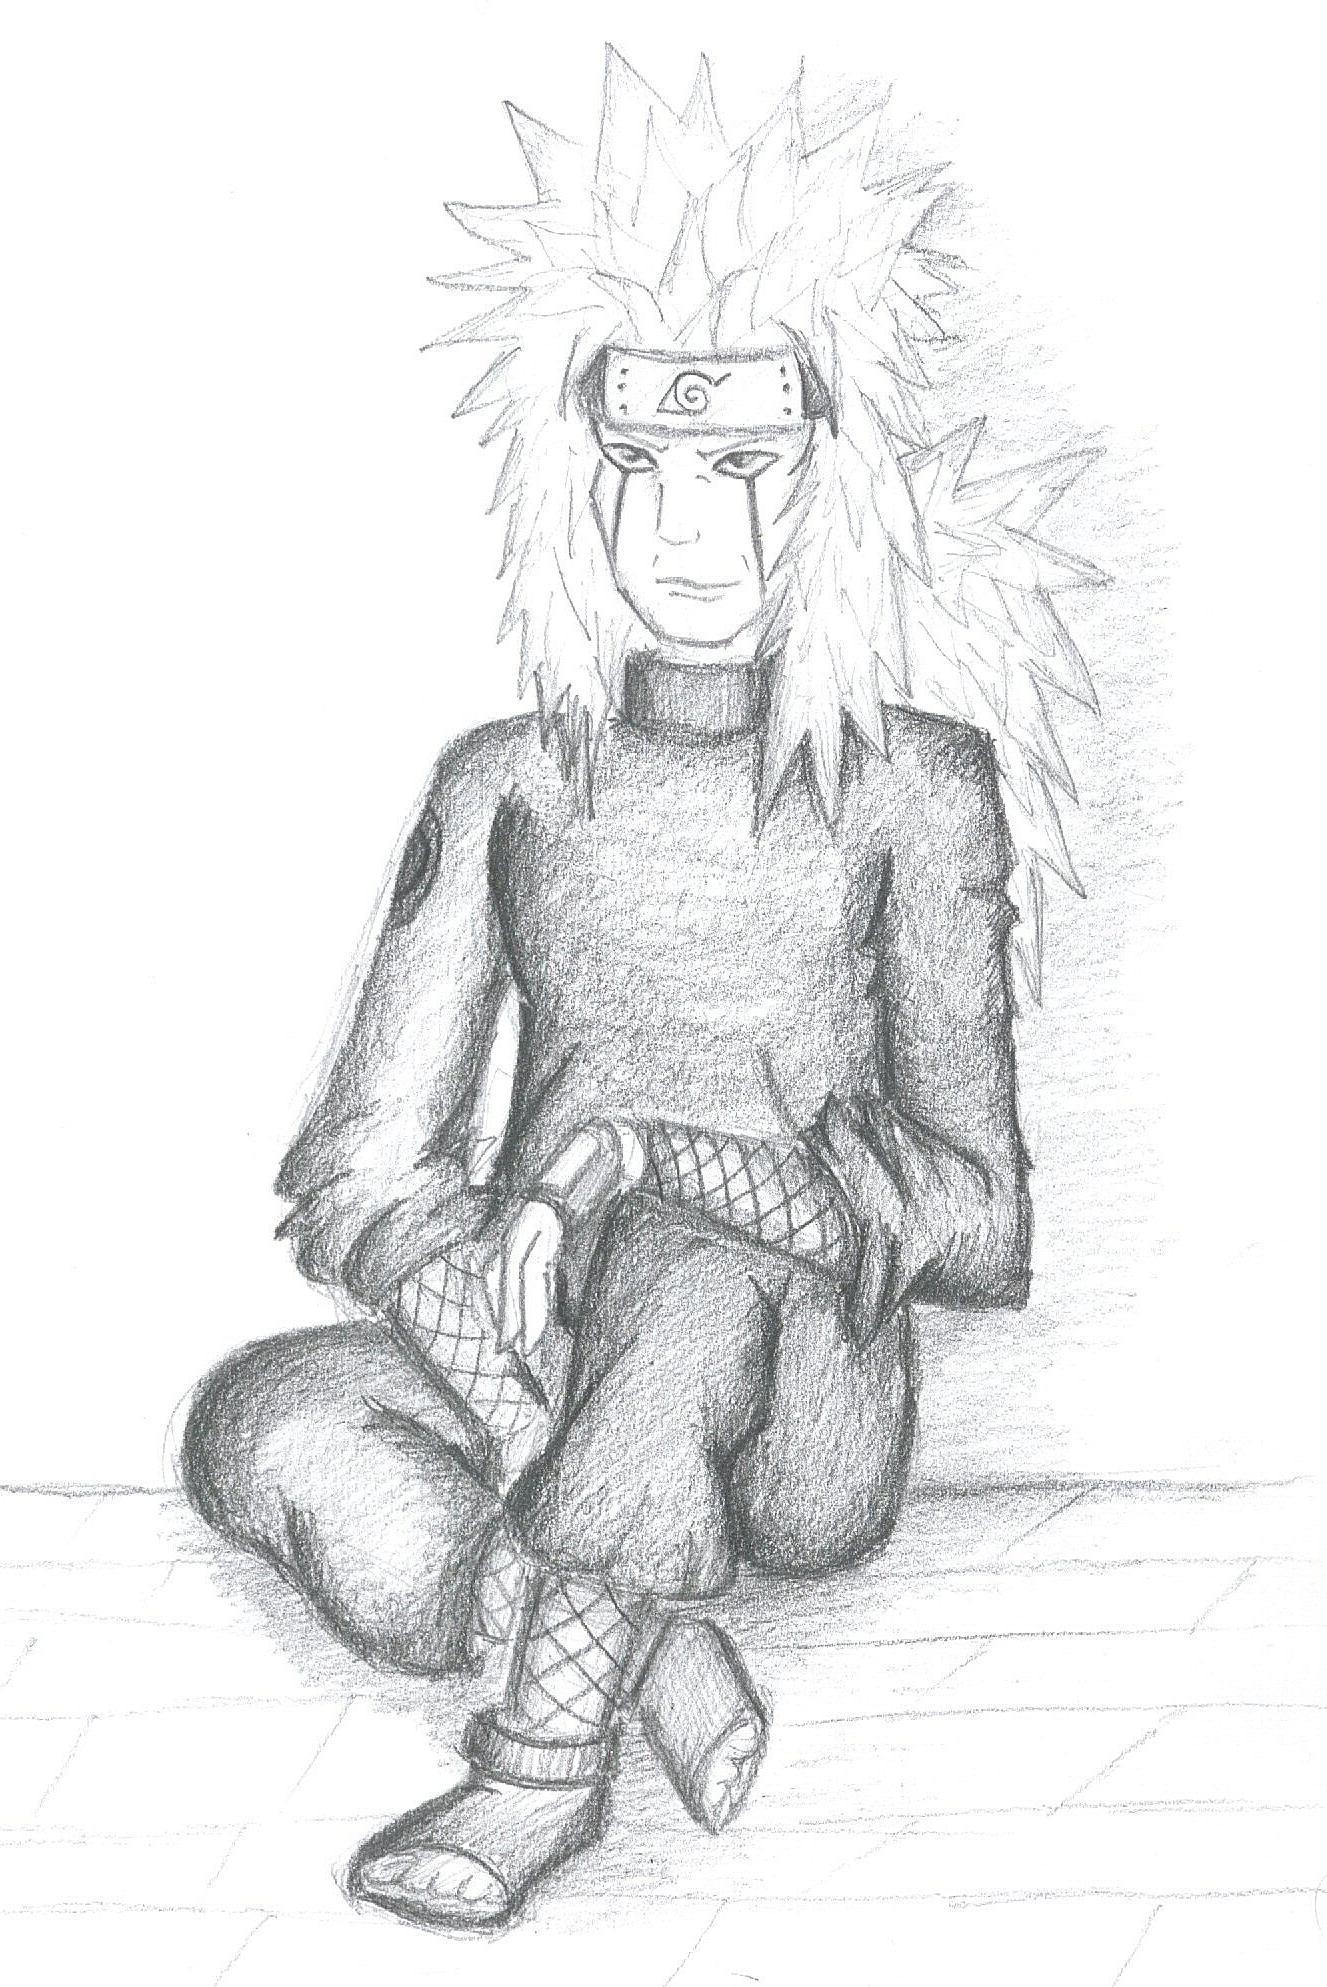 Jiraiya the Jounin by mithua